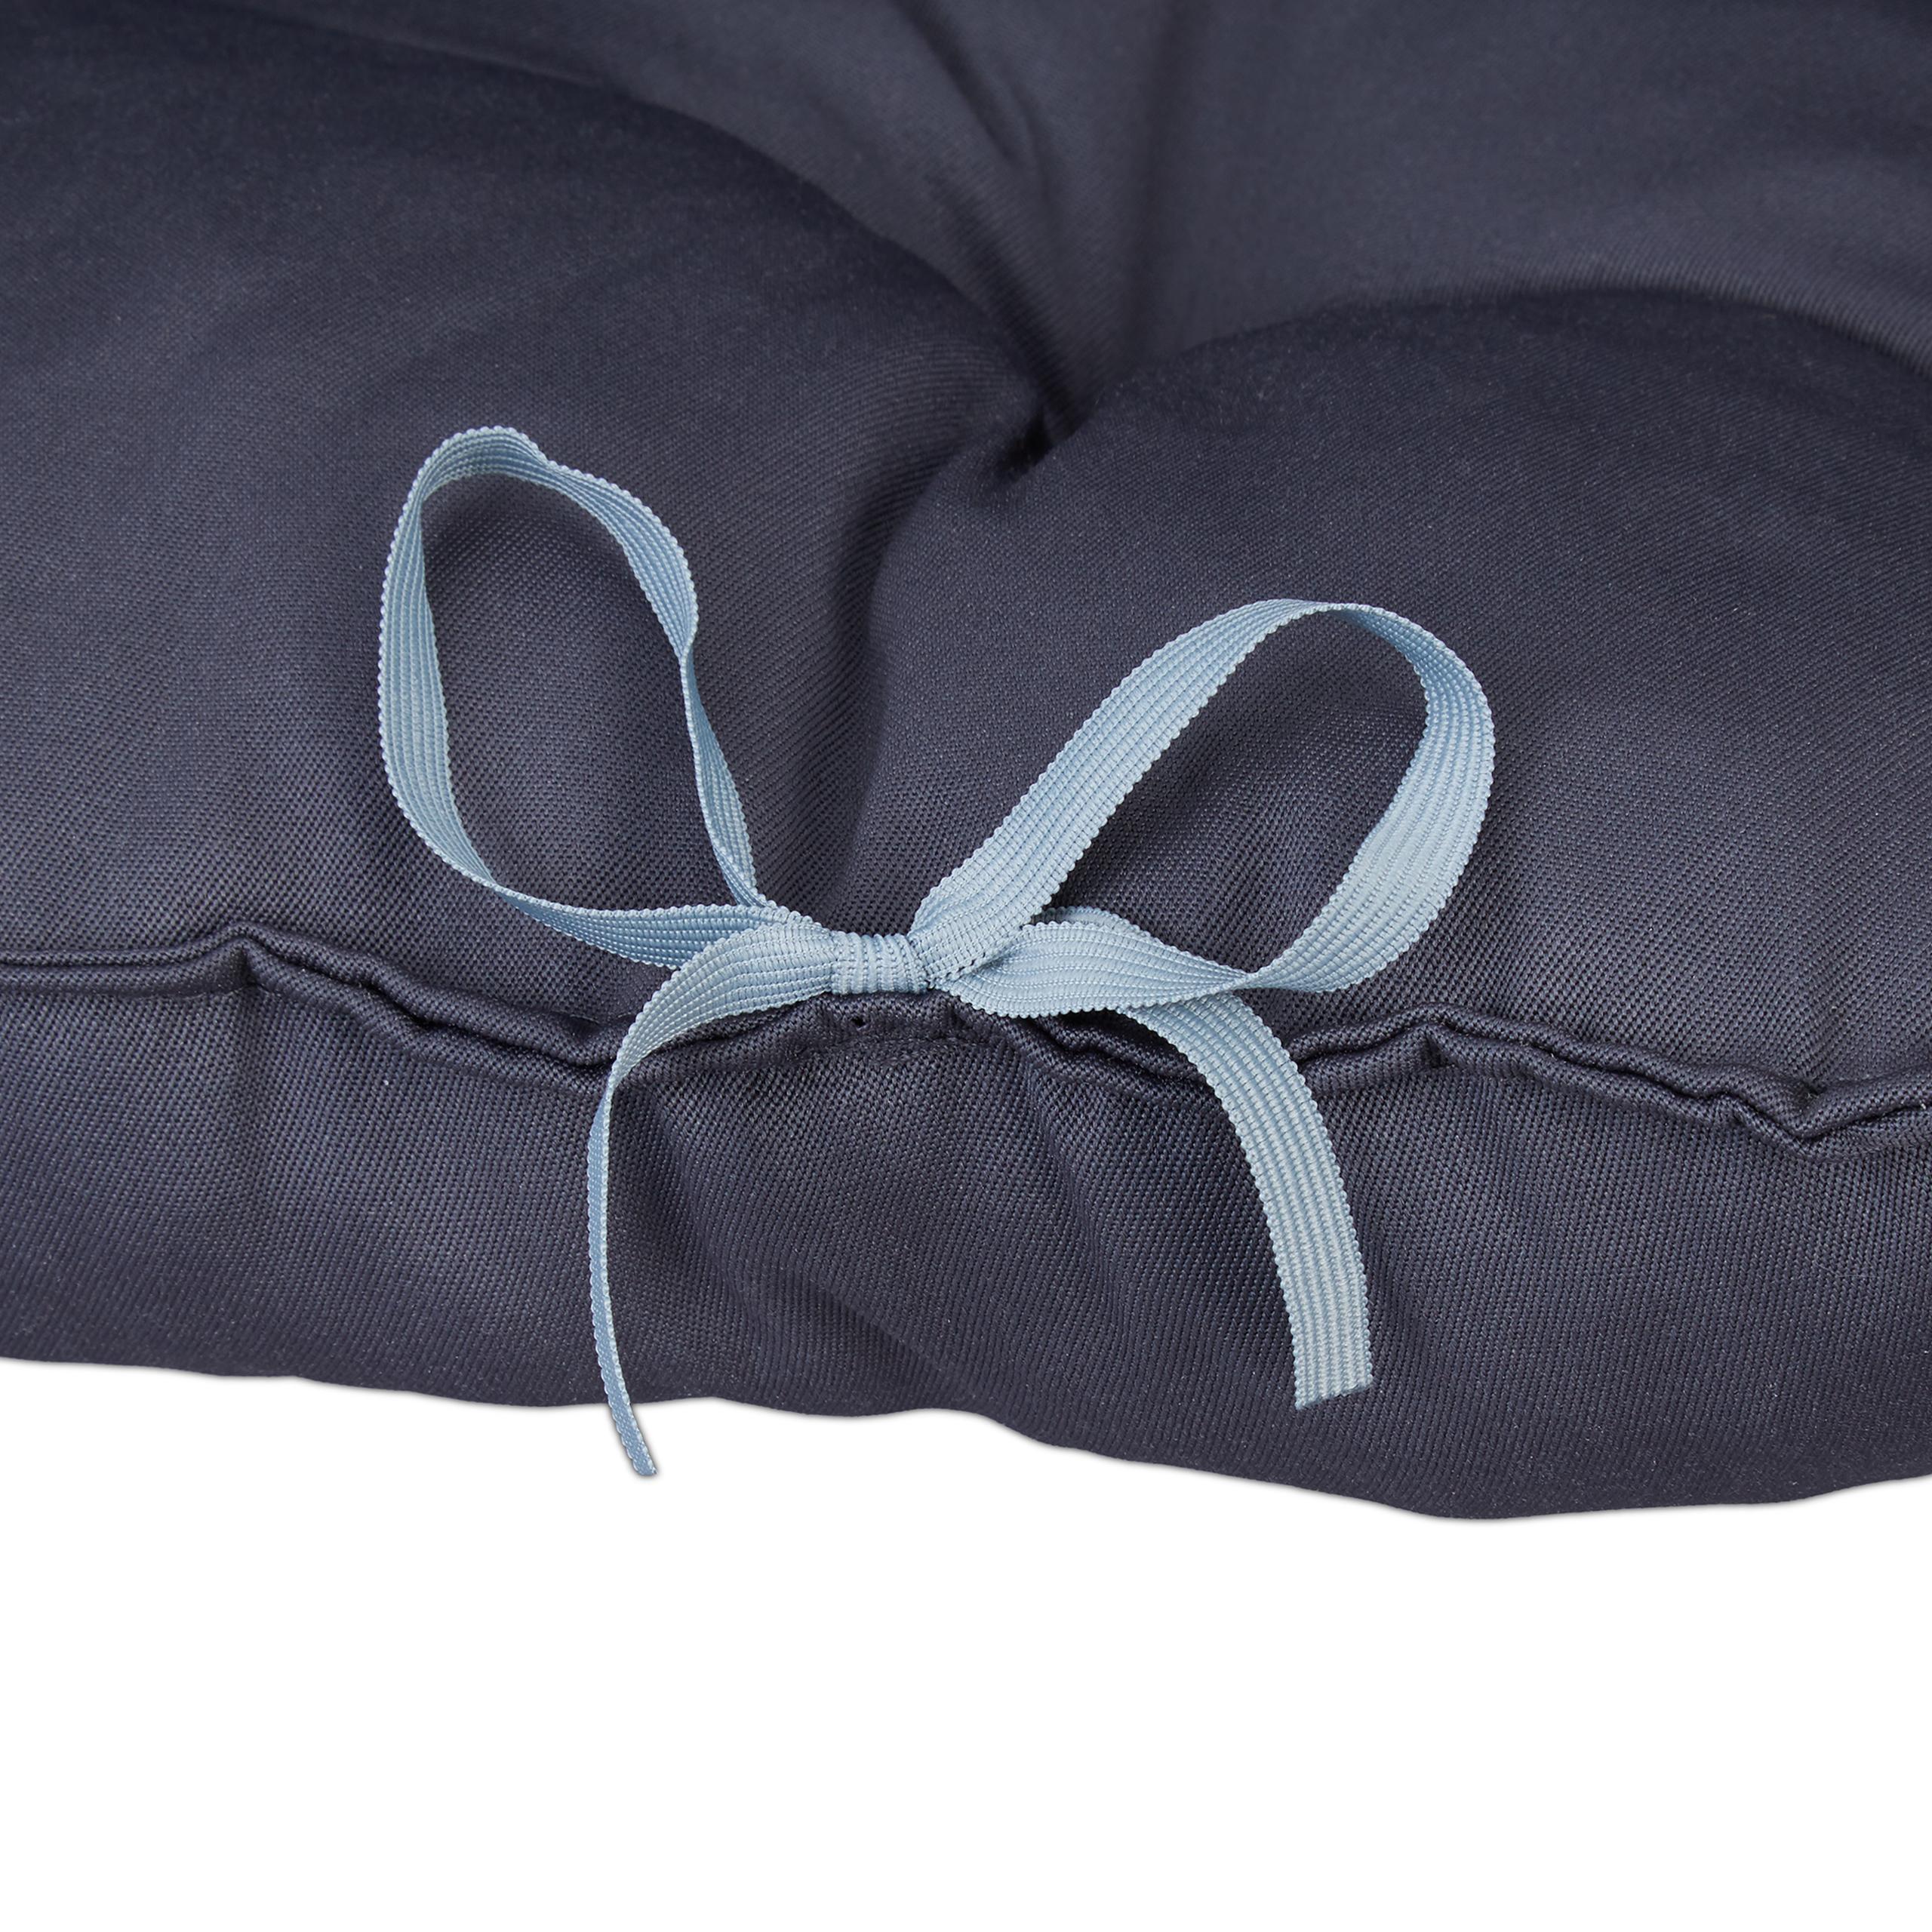 Cuscino con cinghie Sedia da giardino Cuscino 2er Set cuscino trapuntato Edizione